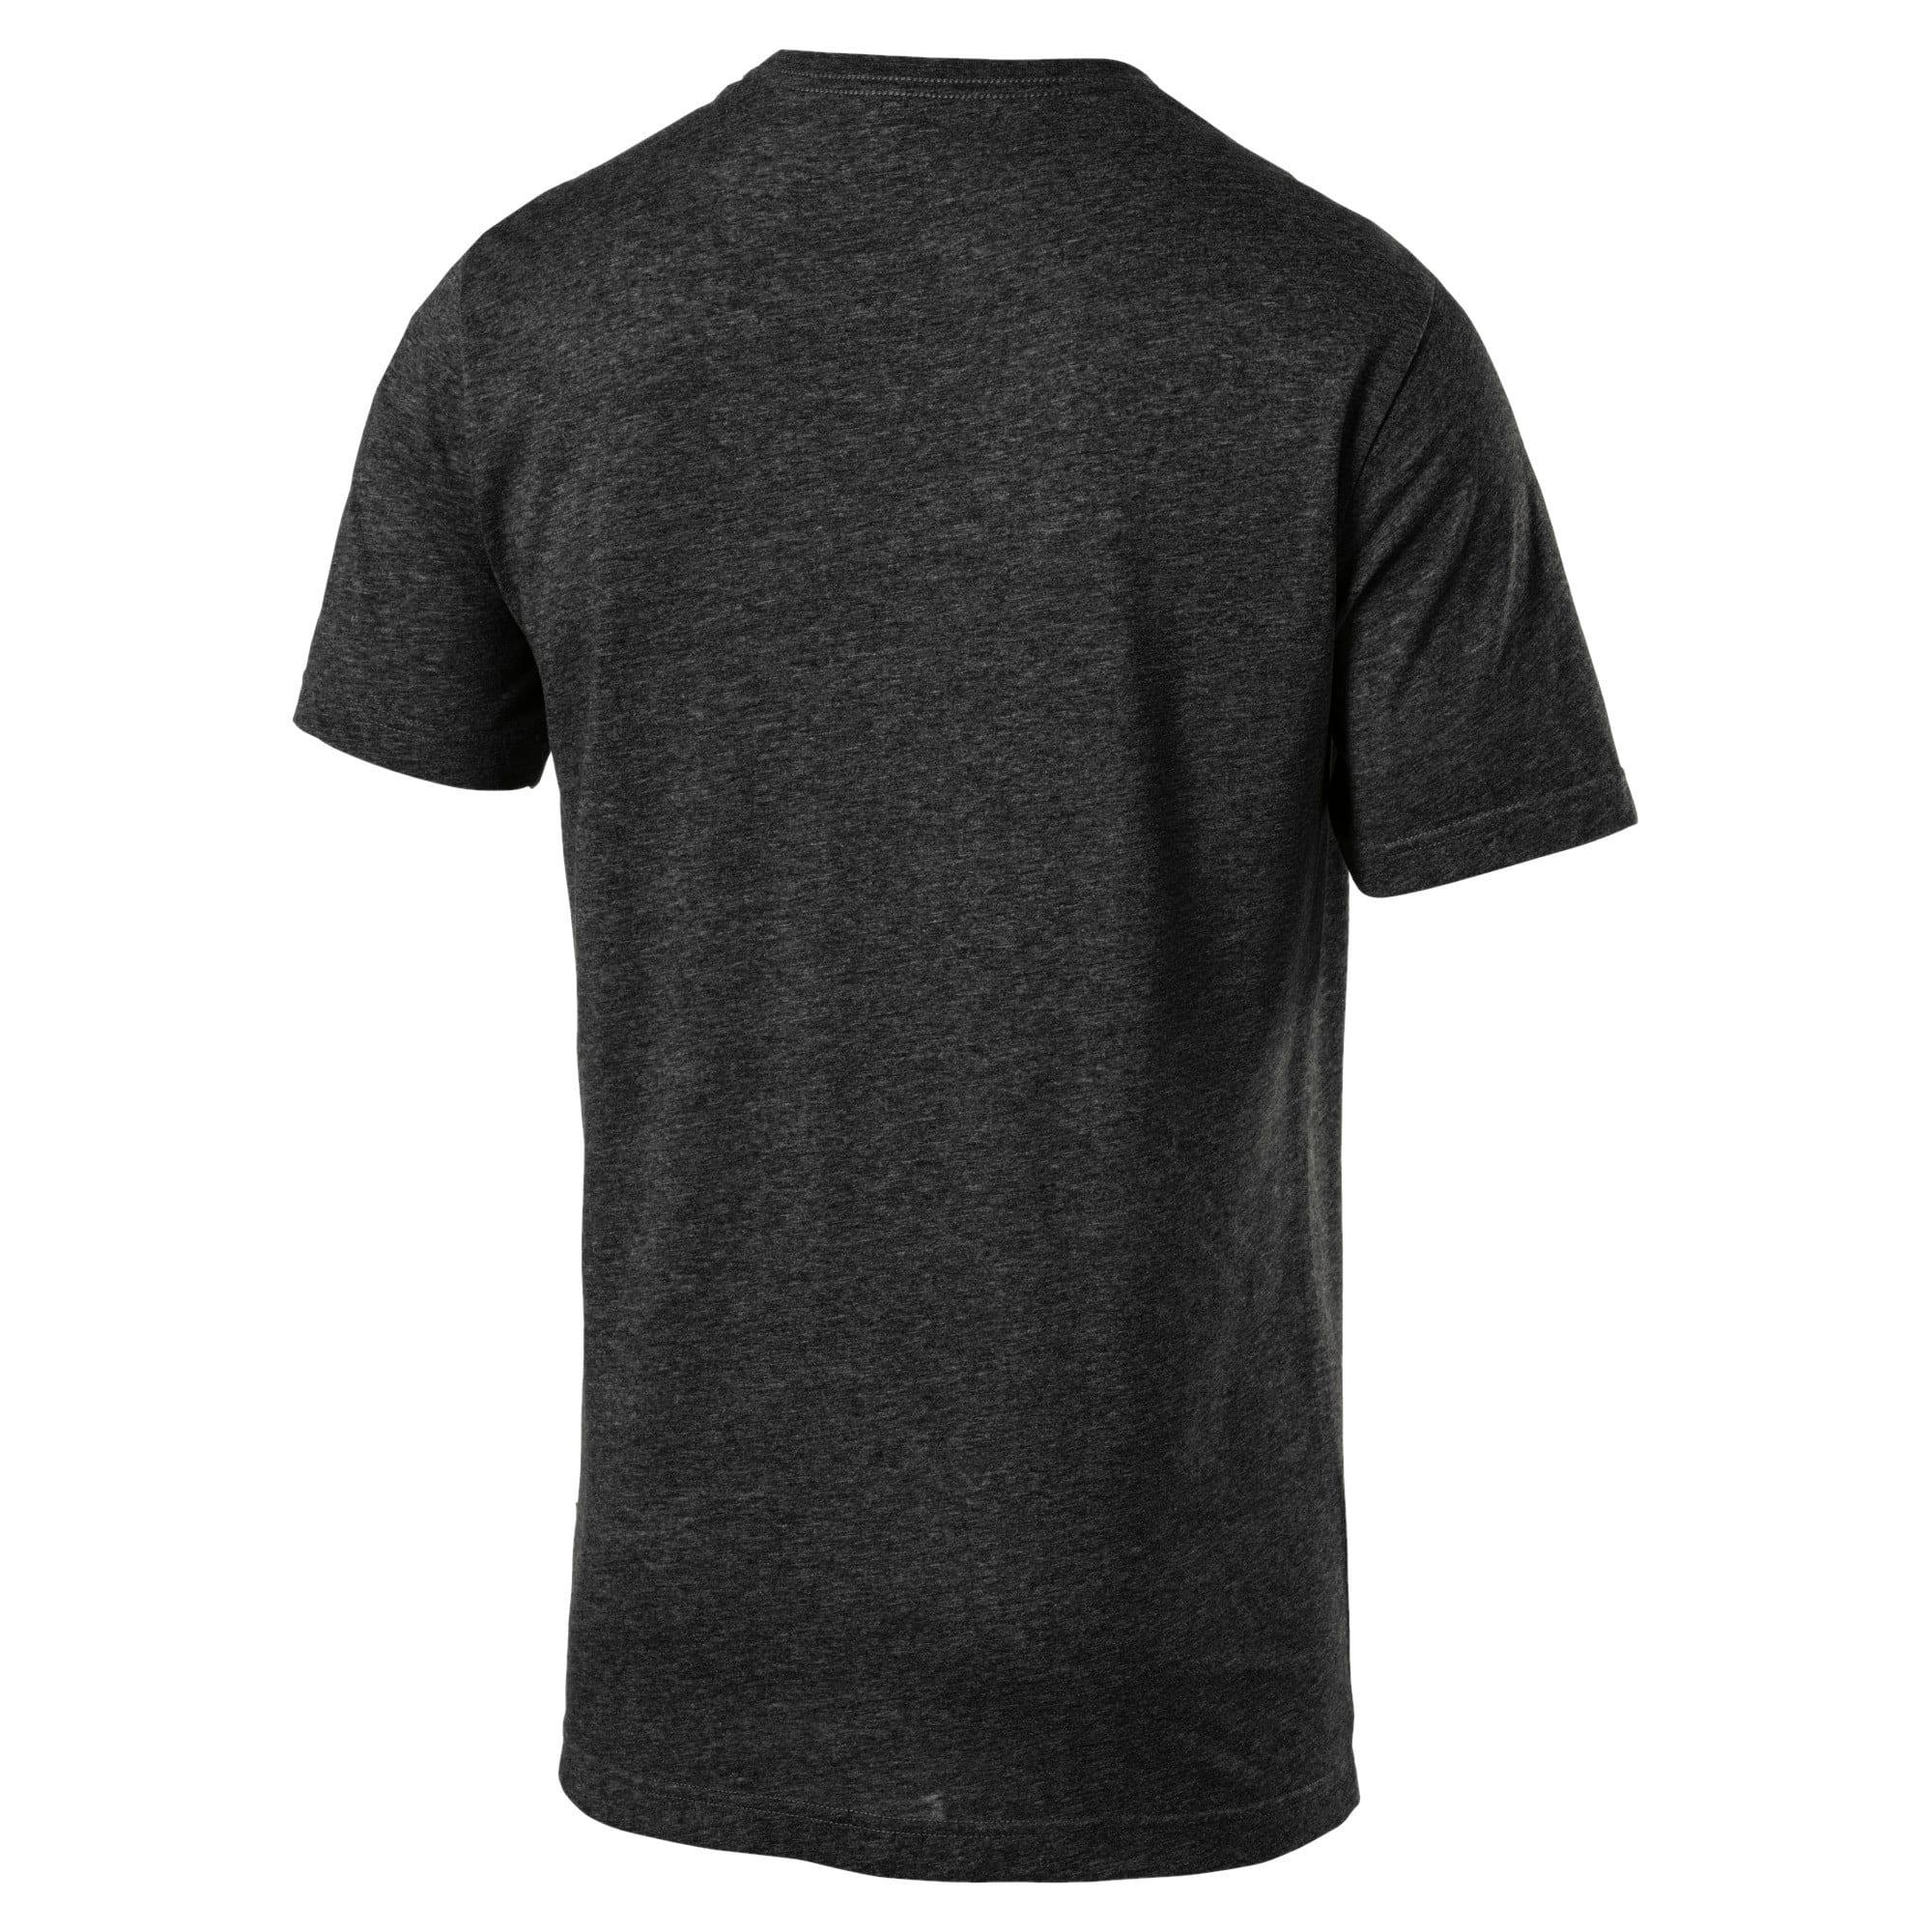 Thumbnail 2 of Indispensabili+ T-shirt mélange uomo, Puma Black Heather, medium